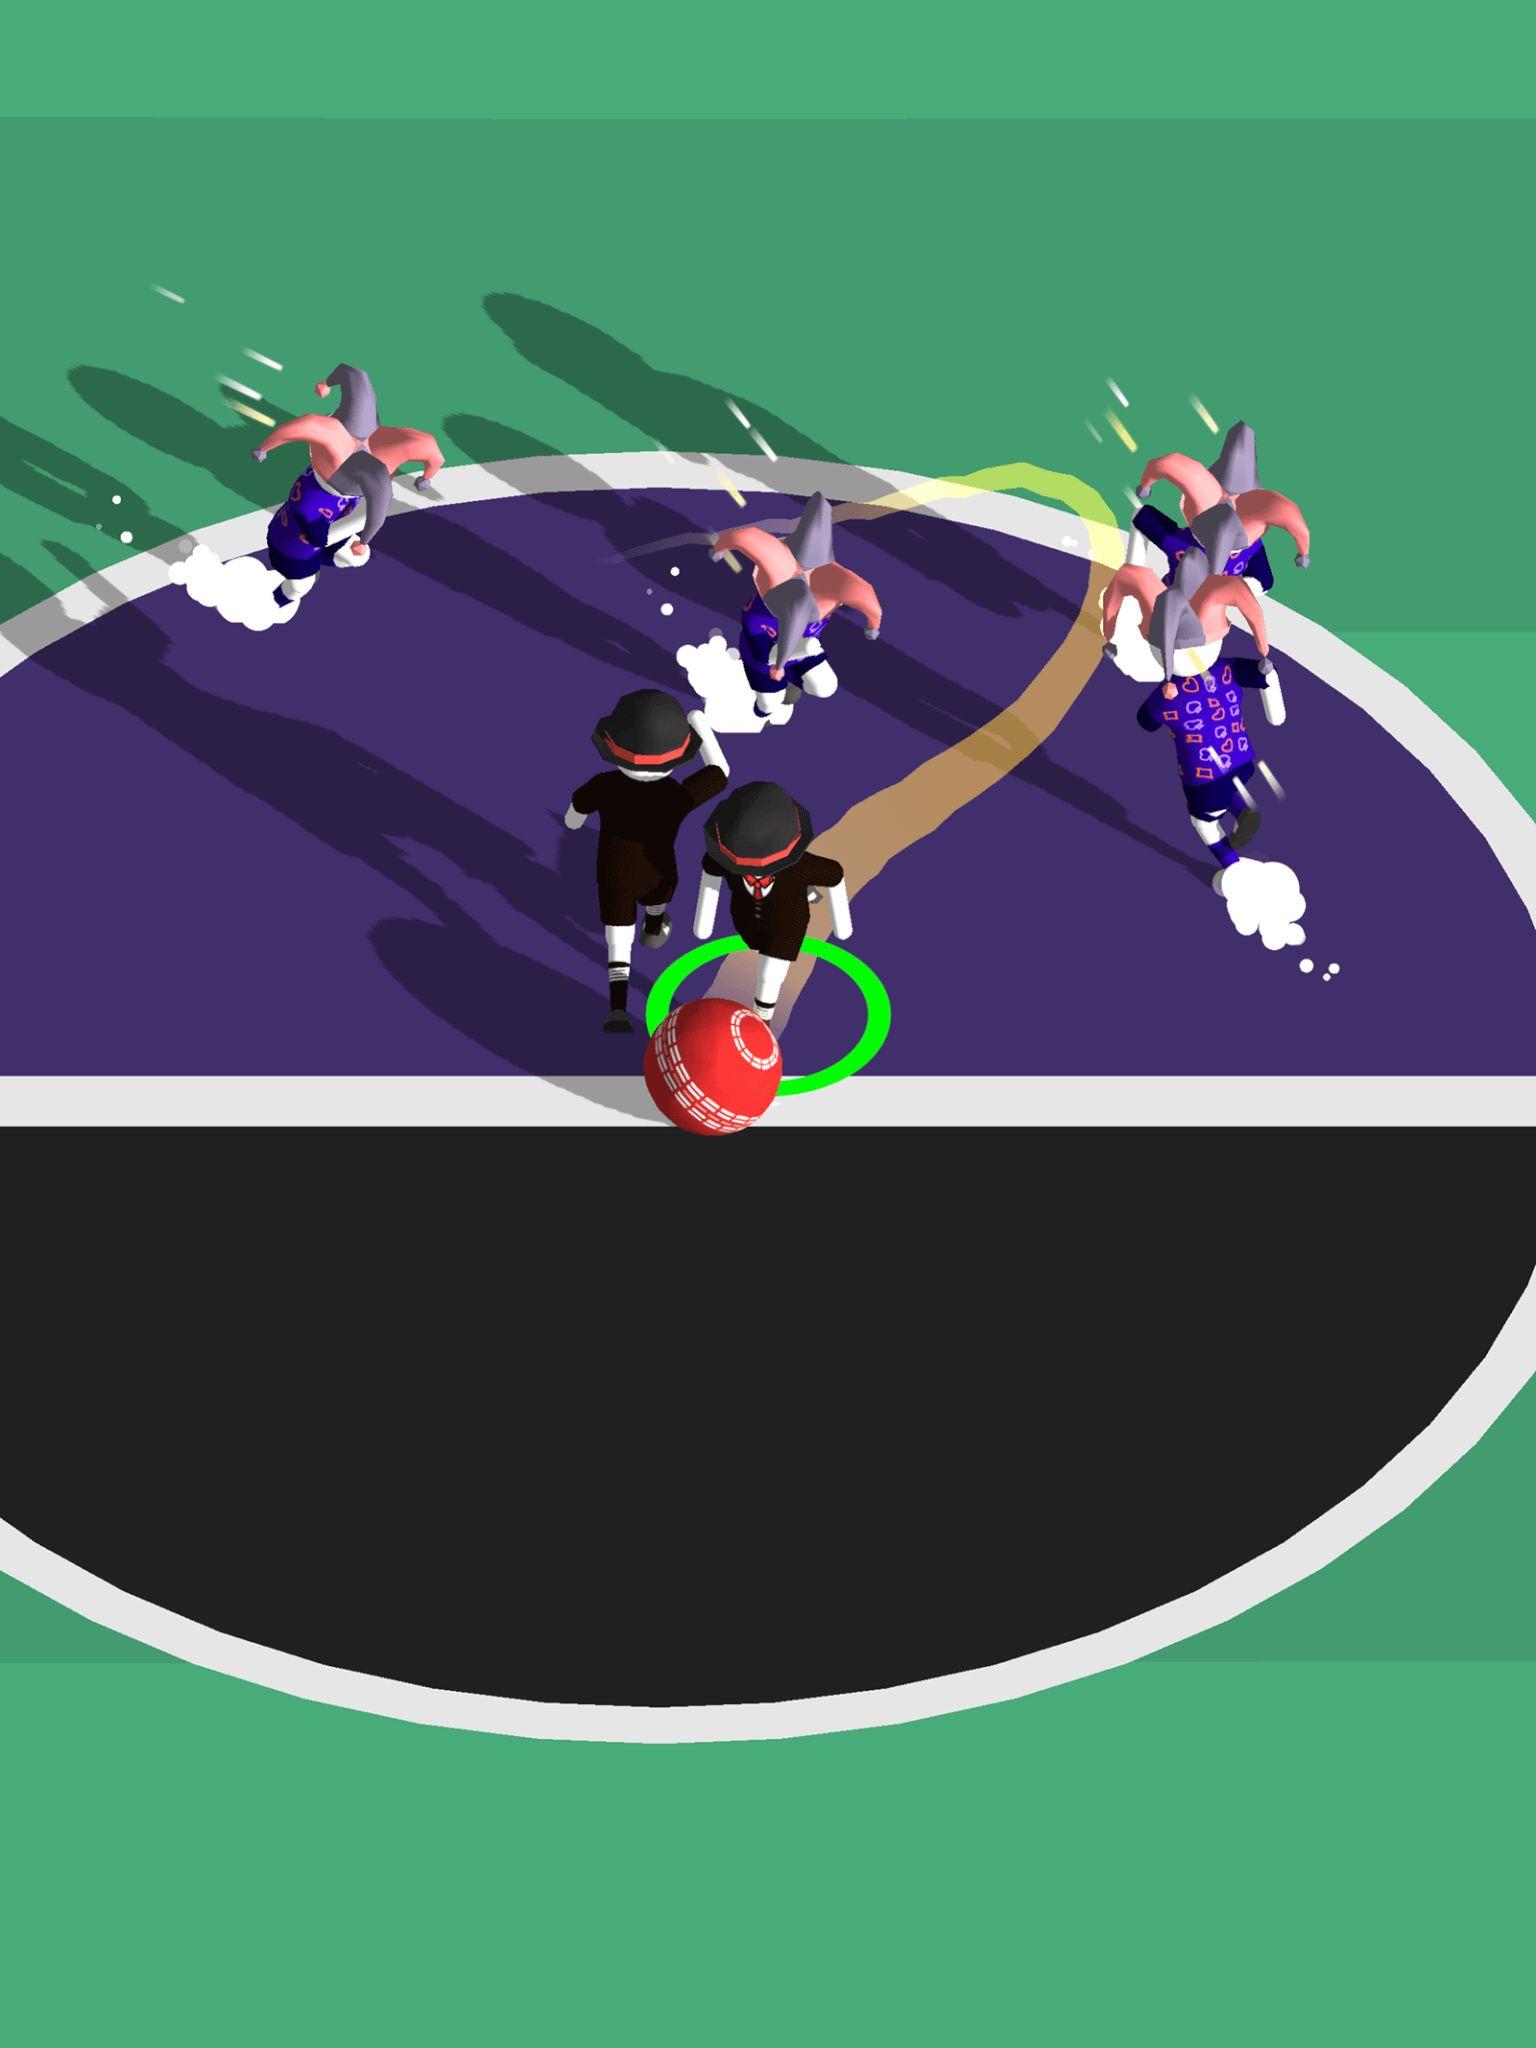 足球法则游戏最新版下载图1: